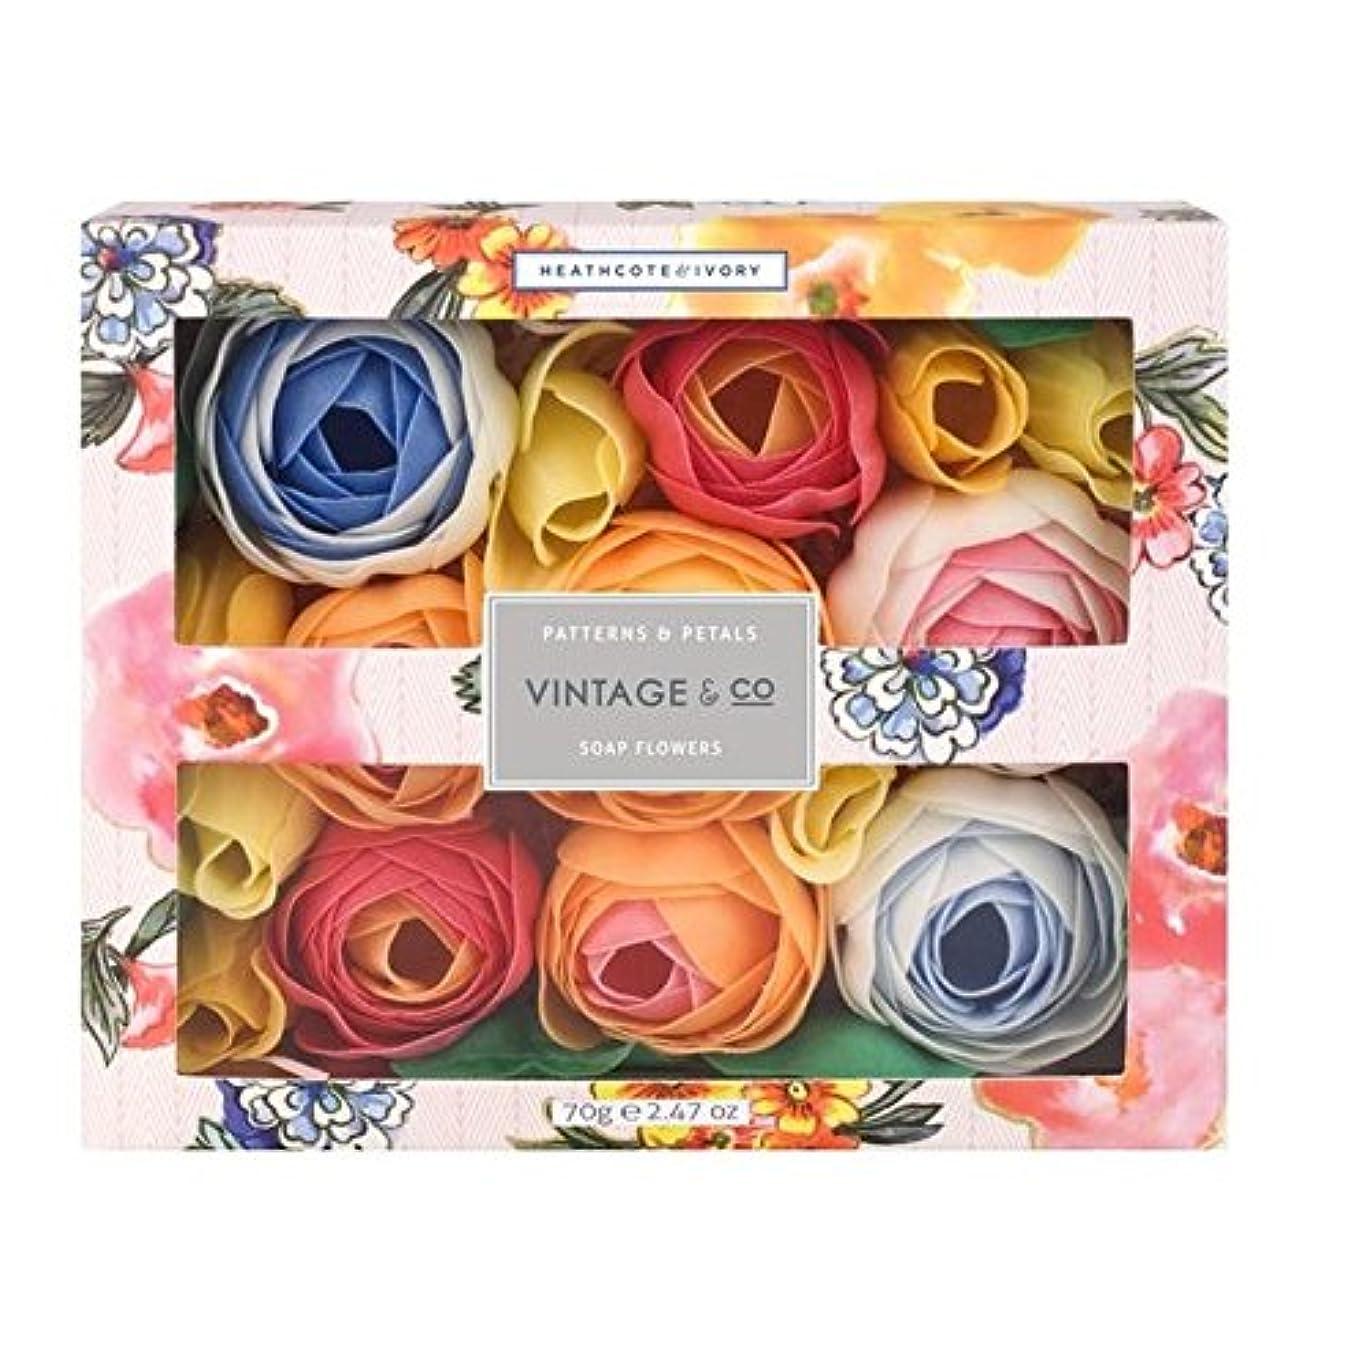 悲観主義者柔らかさボーカルヒースコート&アイボリーパターン&花びら石鹸の花70グラム x2 - Heathcote & Ivory Patterns & Petals Soap Flowers 70g (Pack of 2) [並行輸入品]